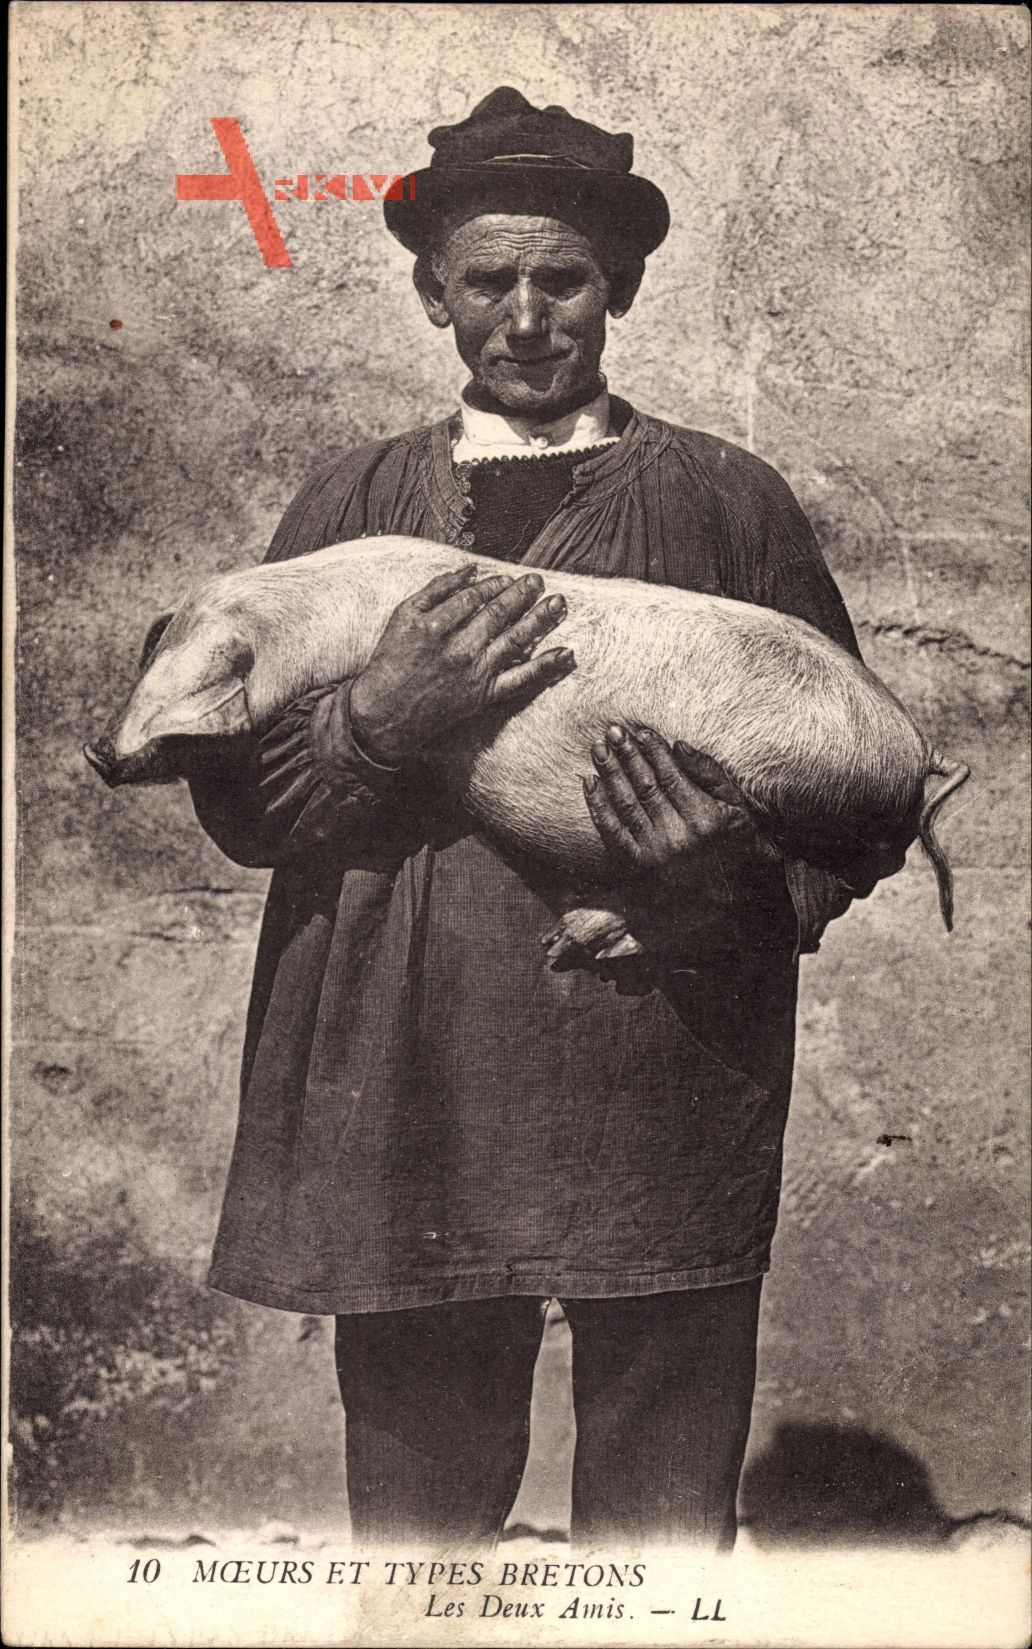 Moeurs et Types Bretons, Les Deux Amis, Landwirt mit Schwein